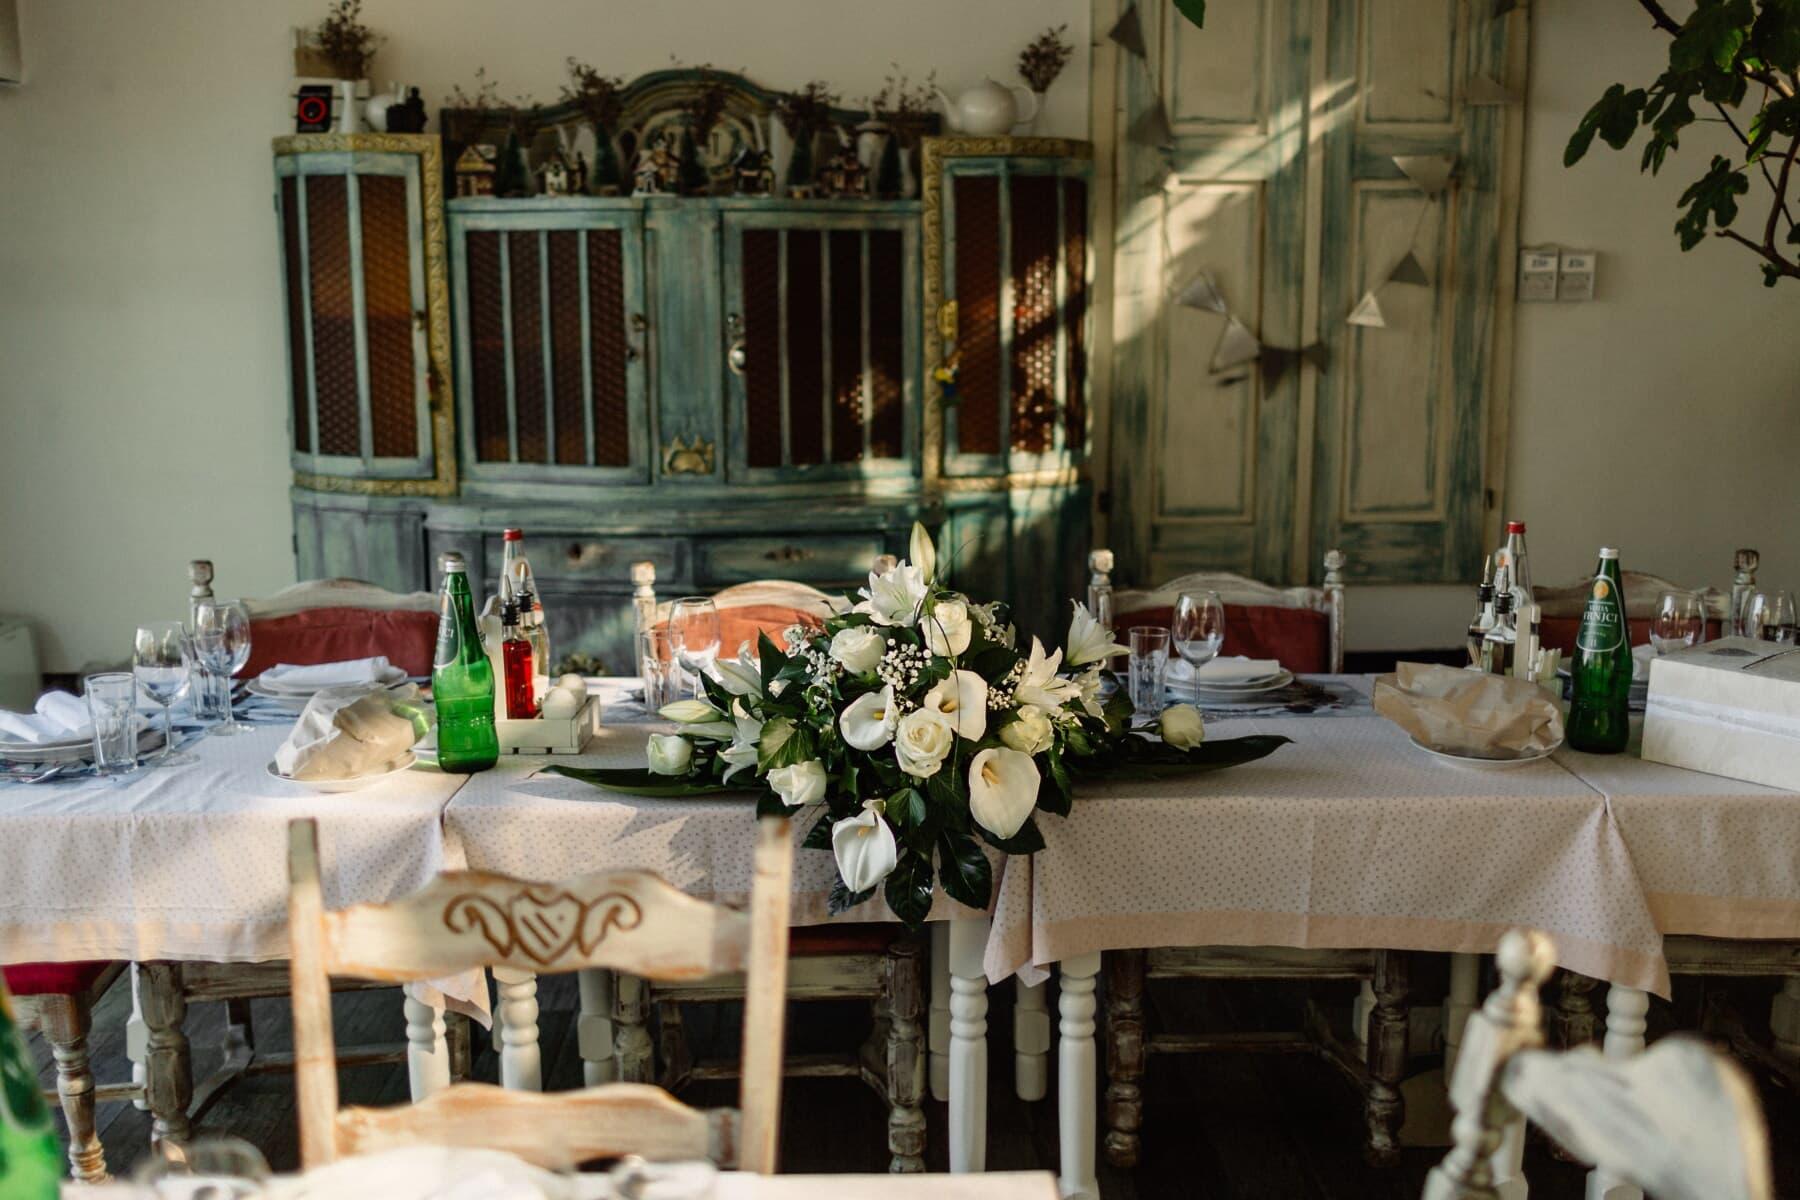 Cafeteria, Restaurant, Kantine, Bankett, Essbereich, Tischdecke, Tabelle, Geschirr, Interieur-design, Möbel